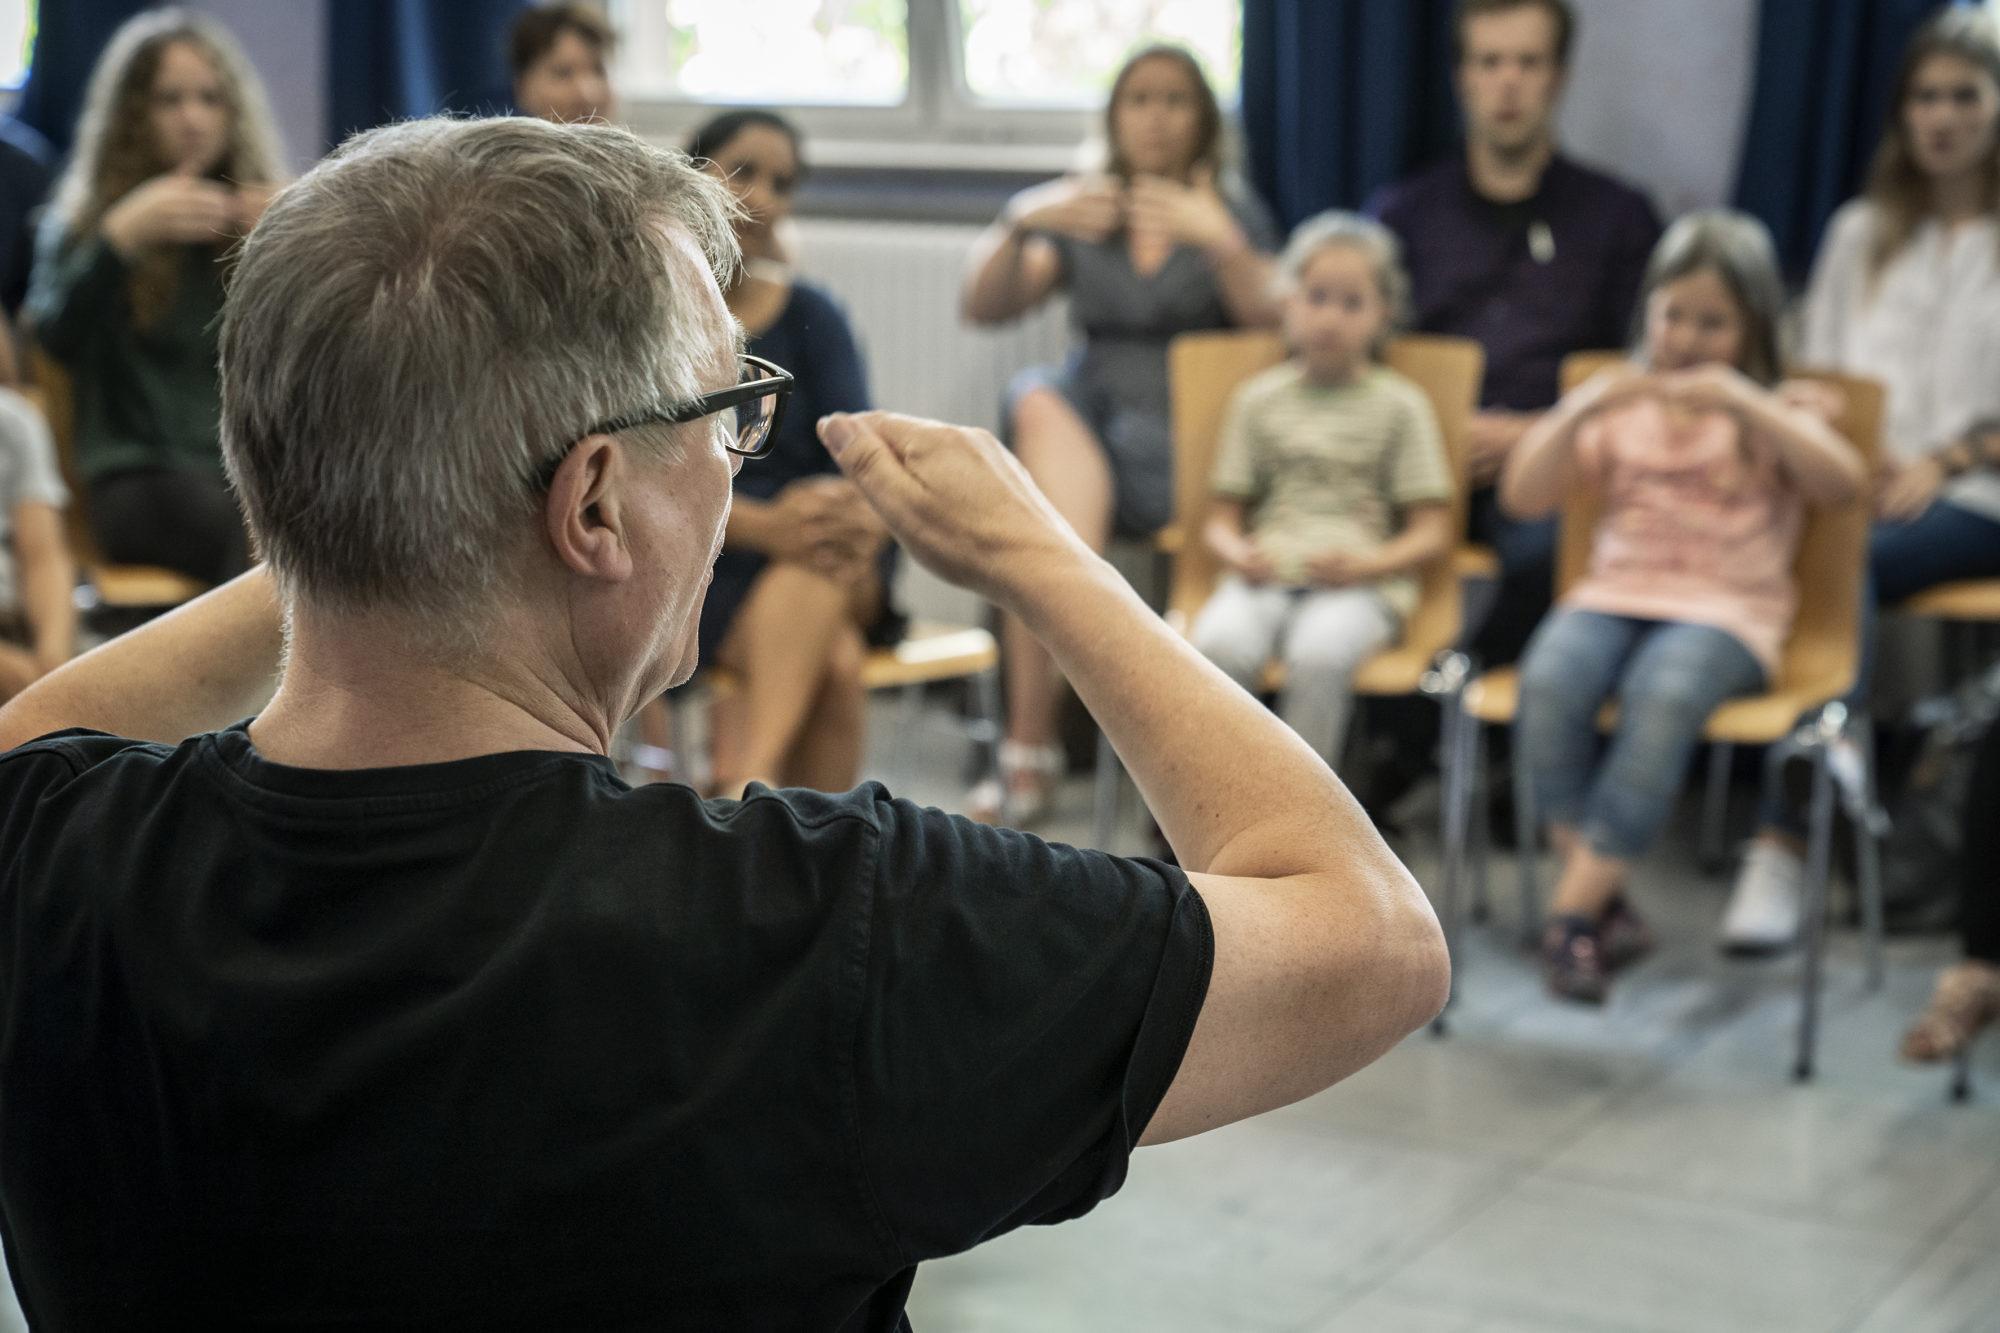 Musikworkshop während des Studientages - Klavier-Festival Ruhr